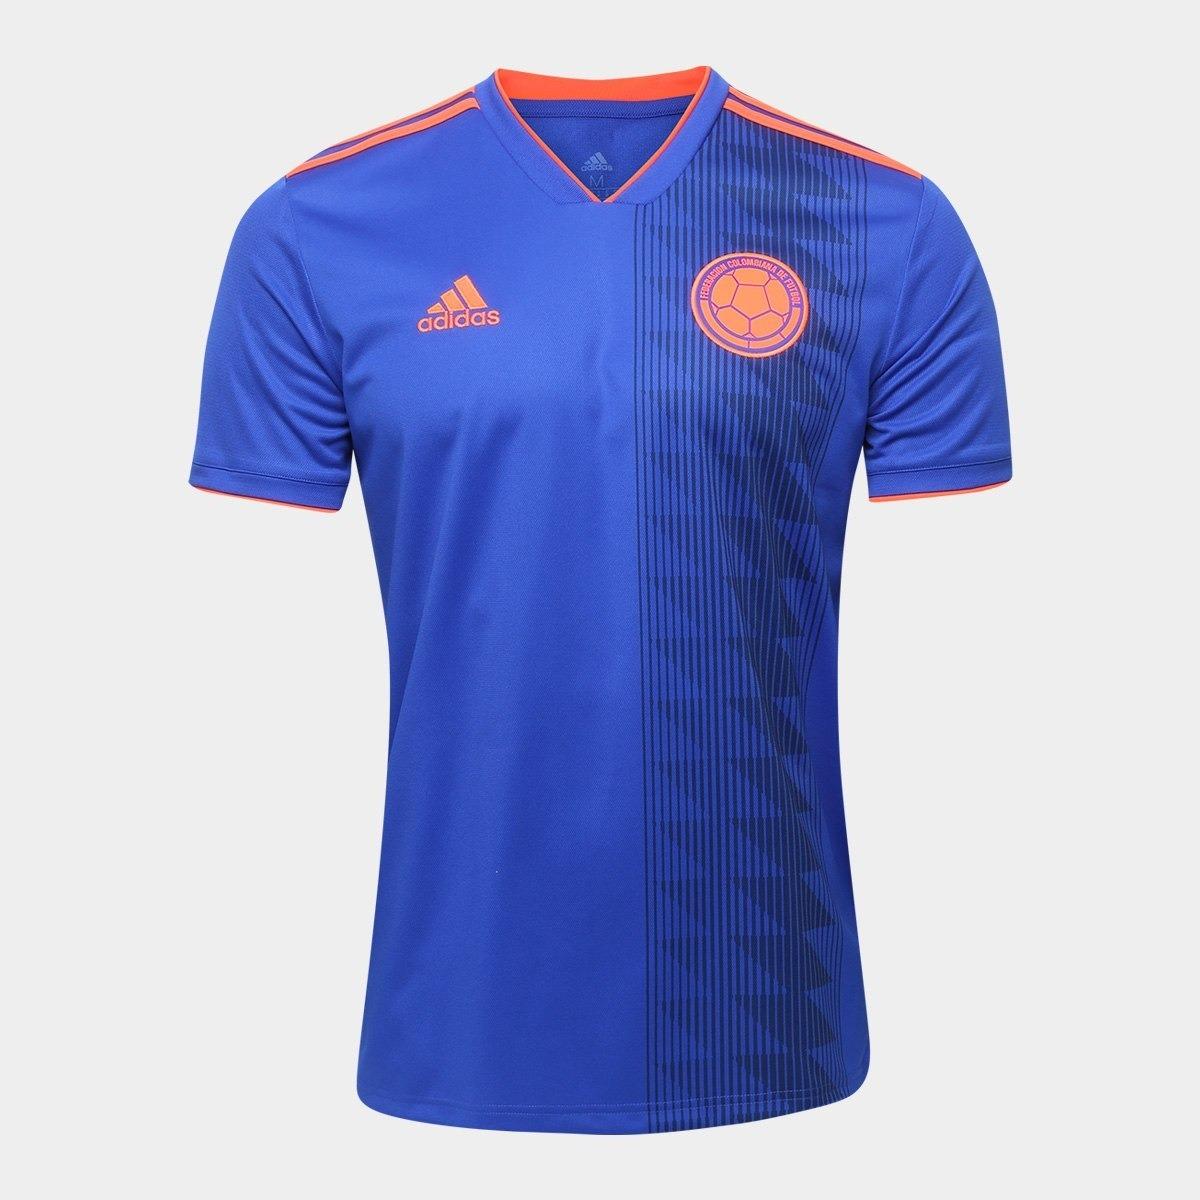 47be92d298dbf camisa seleção da colômbia nova oficial - copa 2018. Carregando zoom.